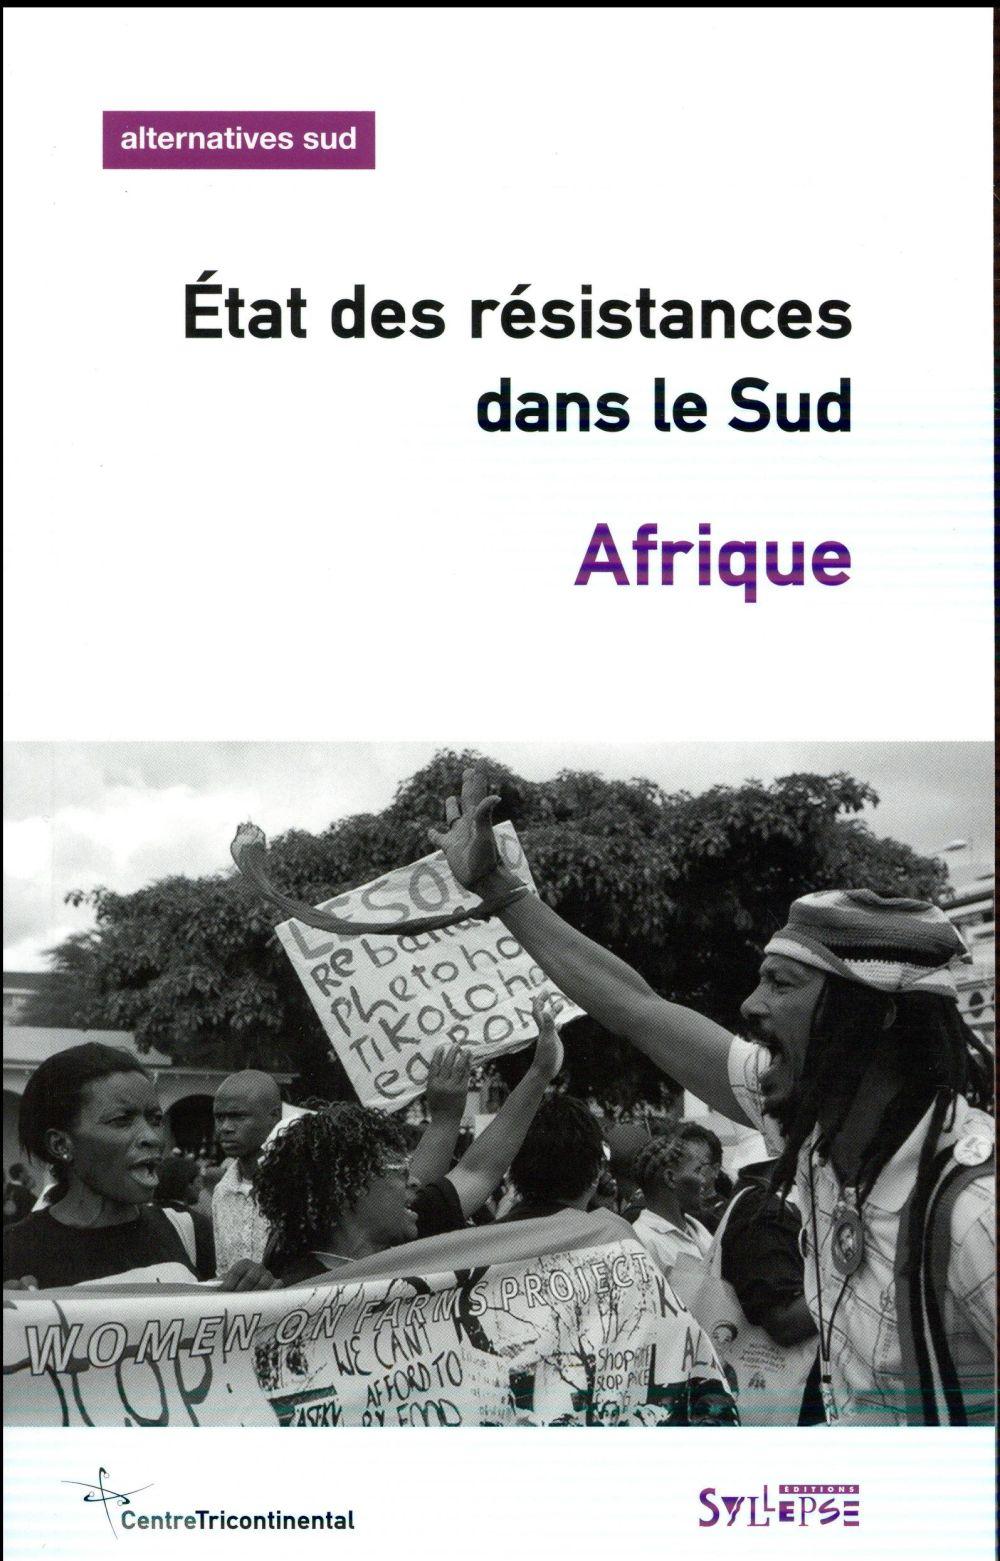 AFRIQUE, ETAT DES RESISTANCES